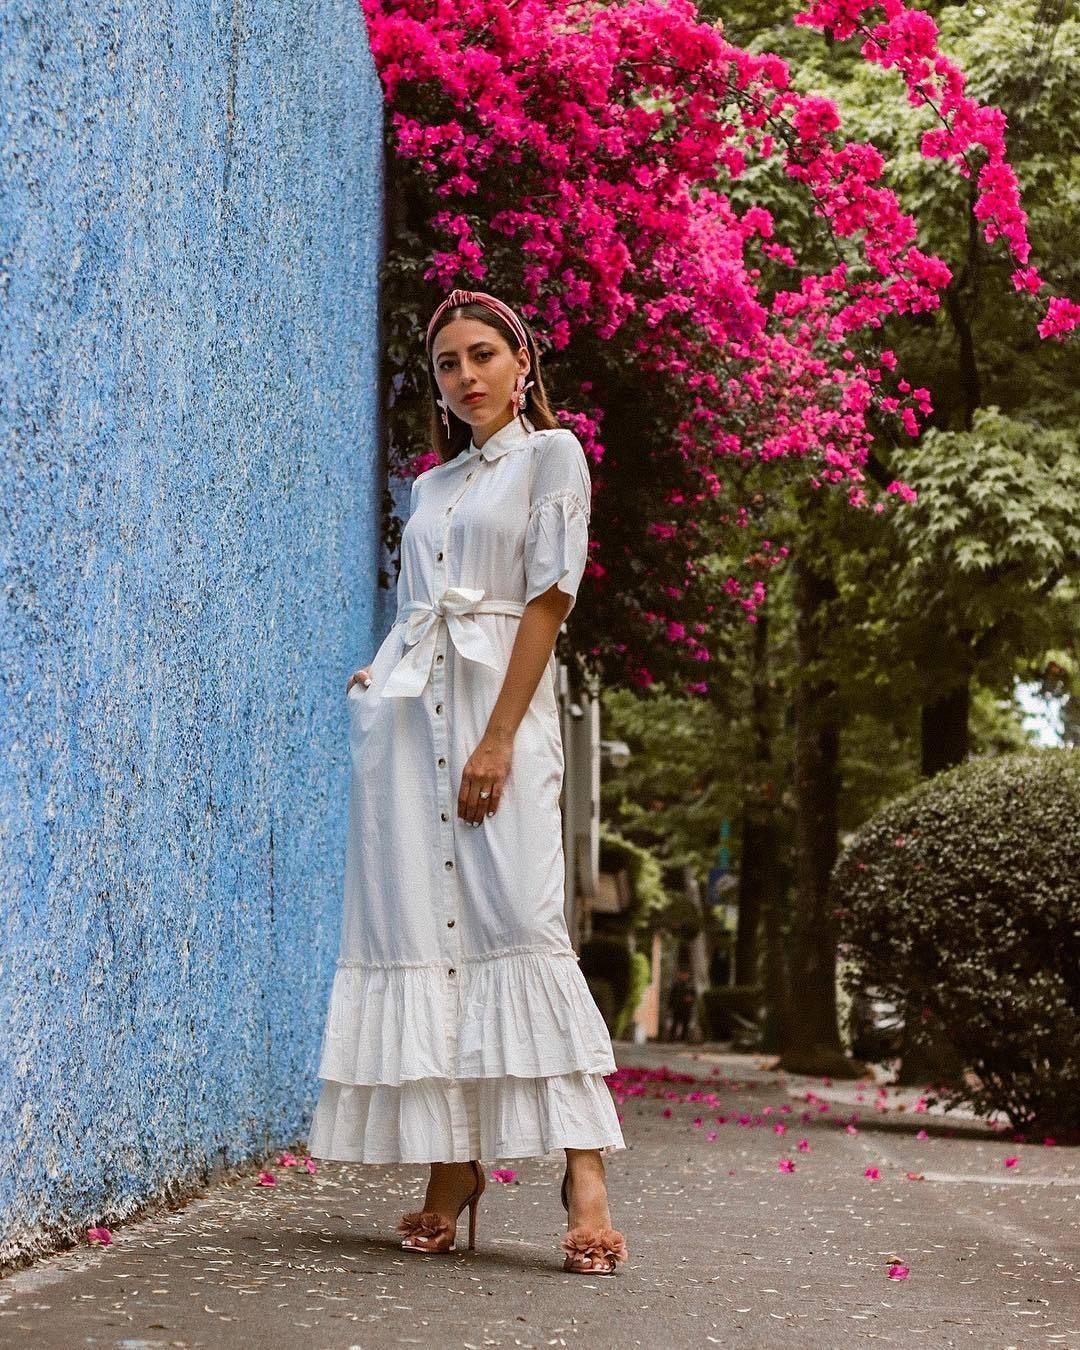 Get the dress for $98 at insprny.com – Wheretoget